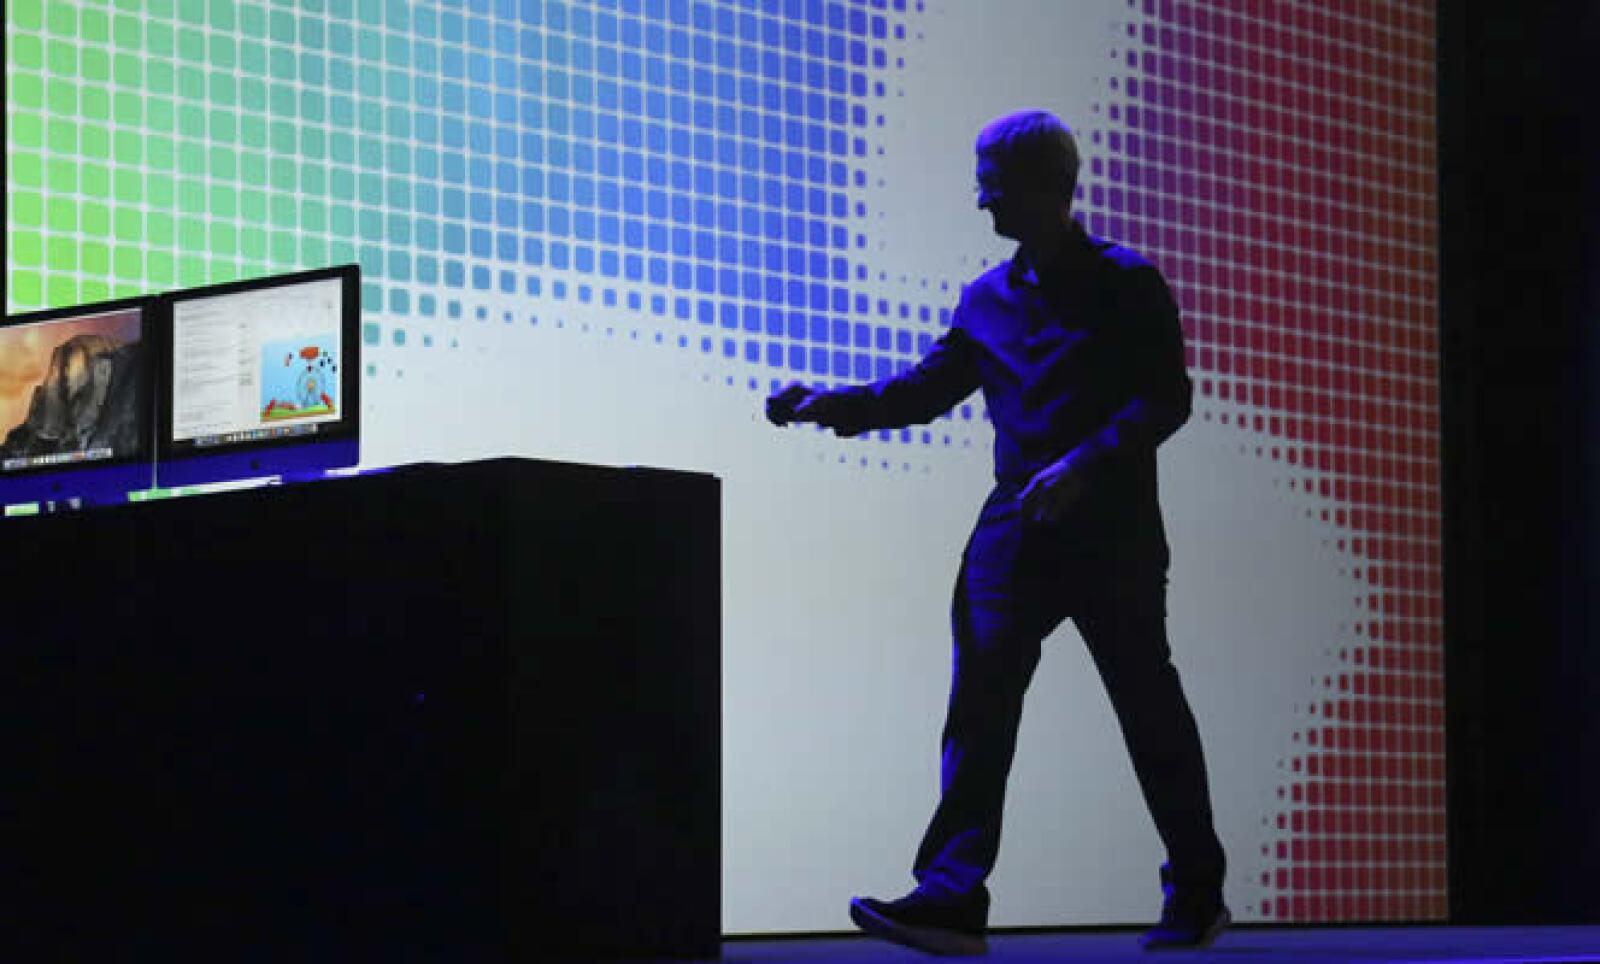 Apple presentó este lunes dos novedades en sus sistemas operativos para Mac y para iPhone así como un dispositivo para el hogar en el marco de la edición 25 de su Conferencia de desarrolladores en el Moscone Center en San Francisco, California.